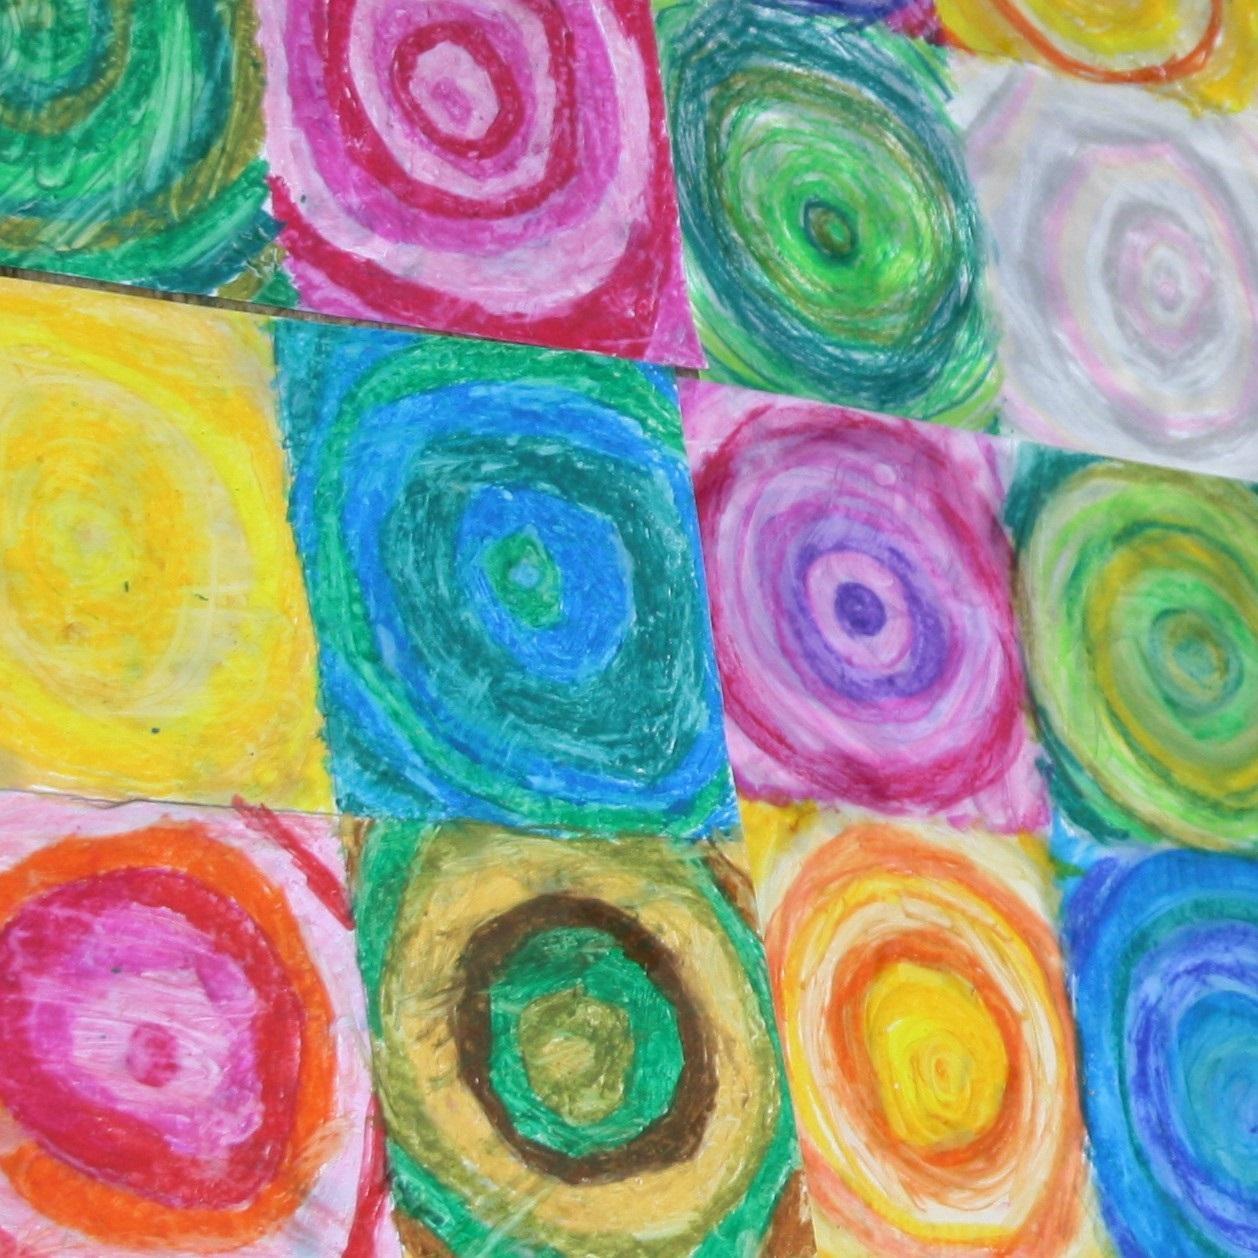 Kinder-Kunstwerke